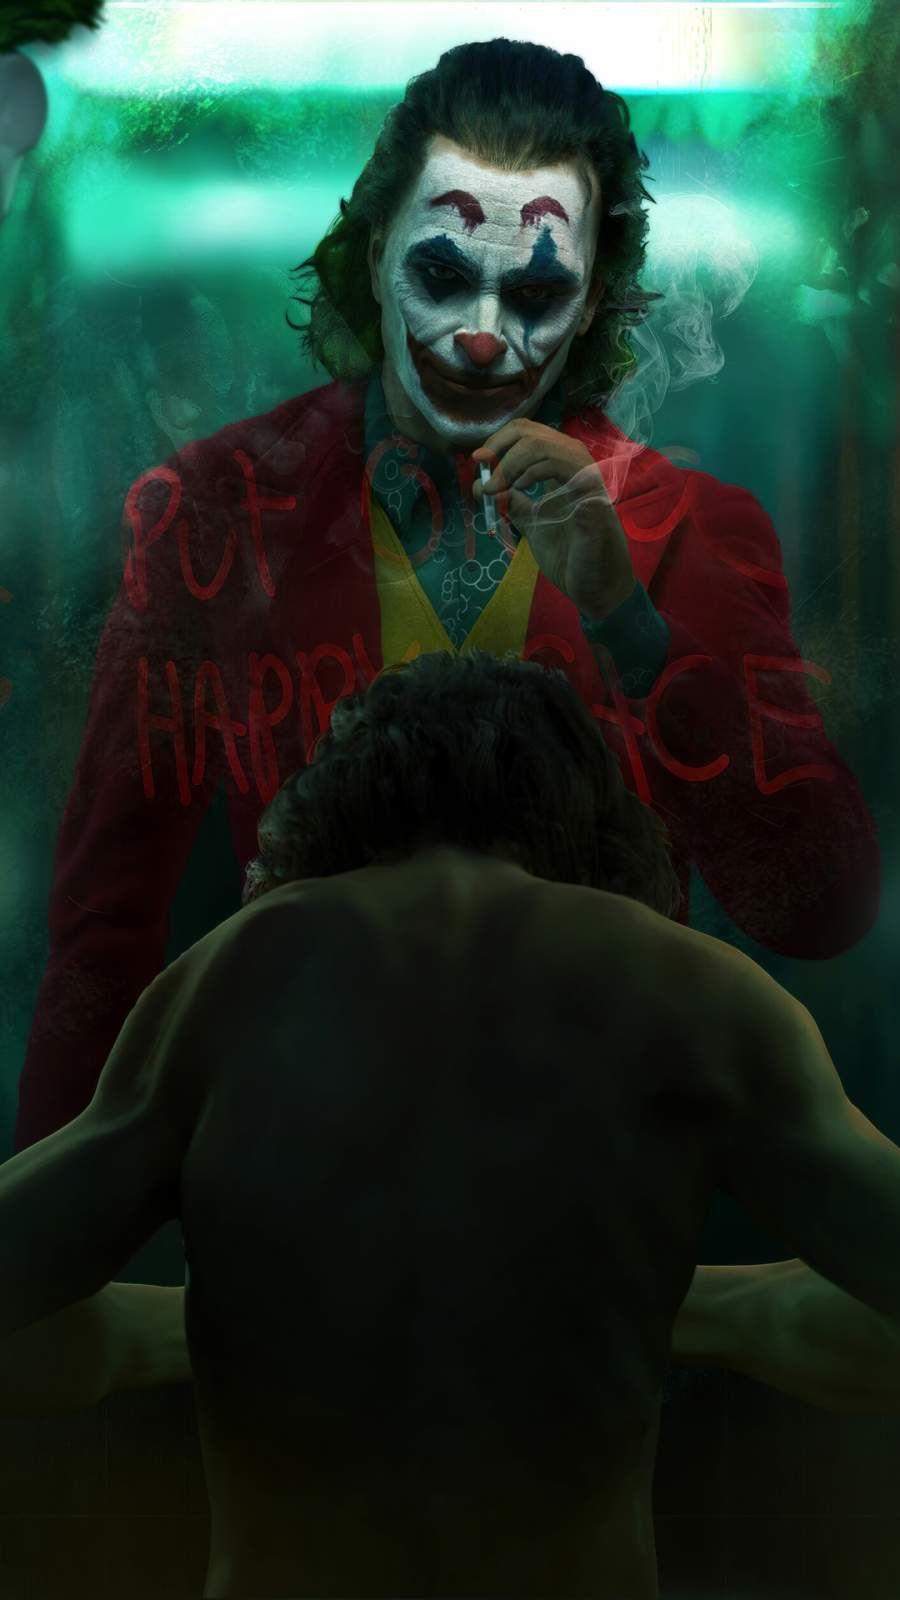 Joker Vs Arthur Iphone Wallpaper In 2020 Joker Wallpapers Batman Joker Wallpaper Joker Hd Wallpaper